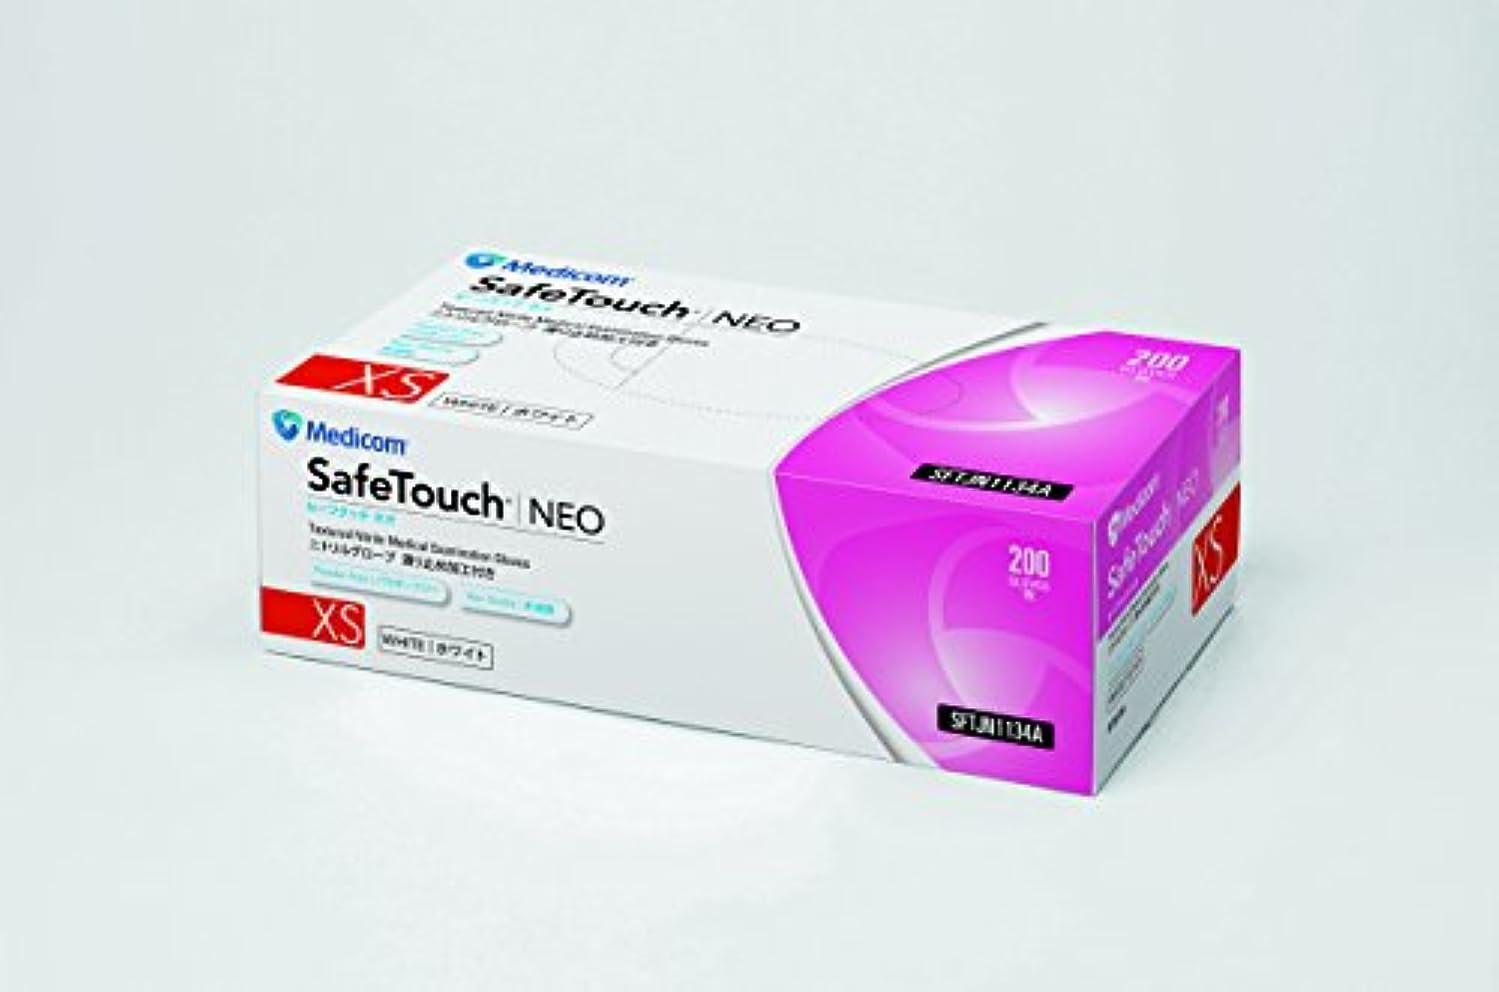 種類上げるポインタSFTJN1134Aセーフタッチ ネオ ニトリルグローブ ホワイト XS 200枚/箱